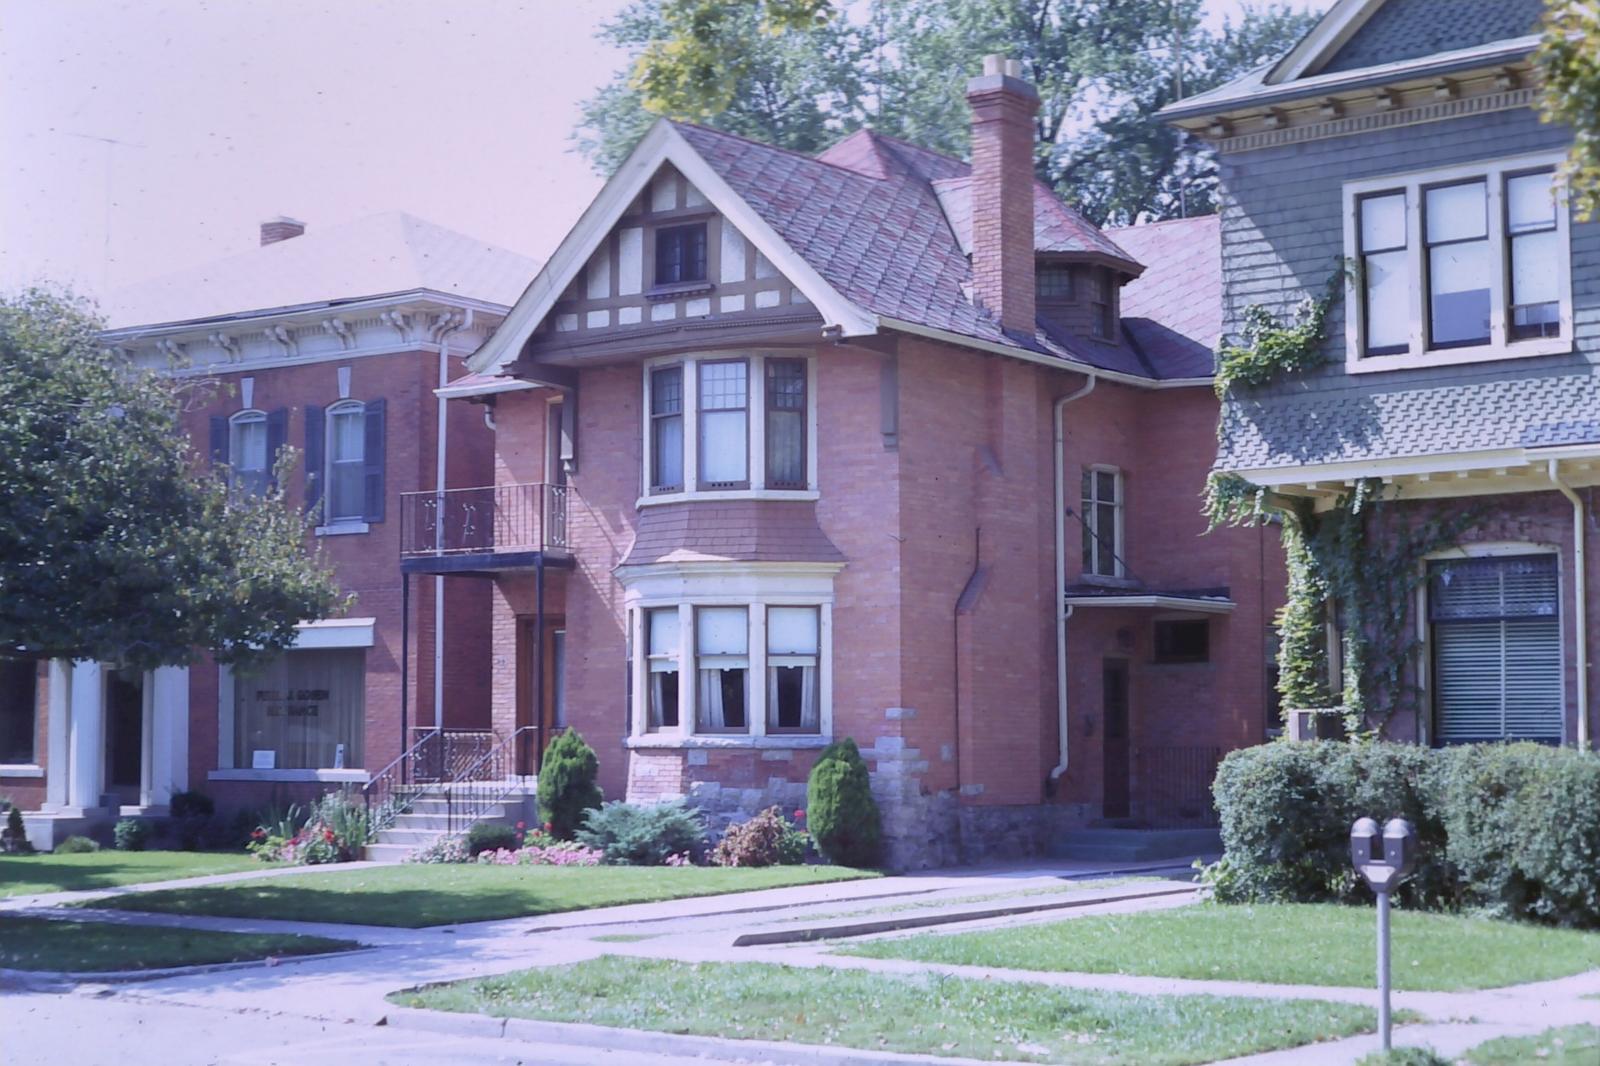 A House at 33 Church Street